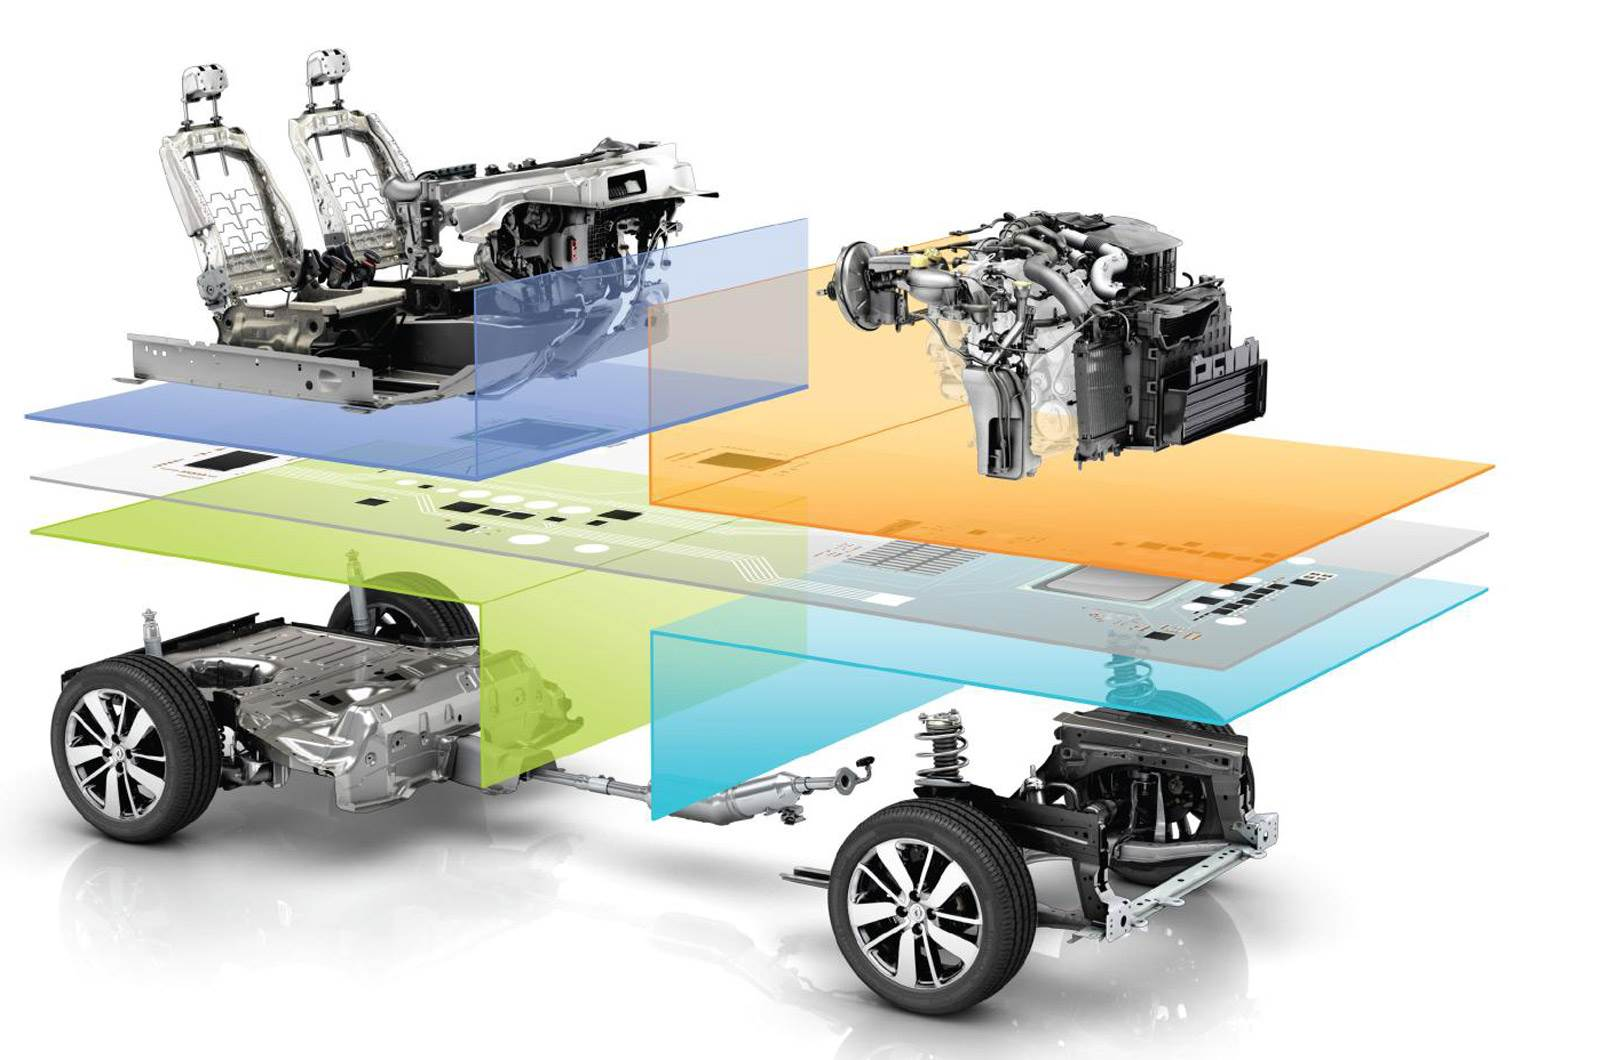 Renault-Nissan unveils Common Module Family